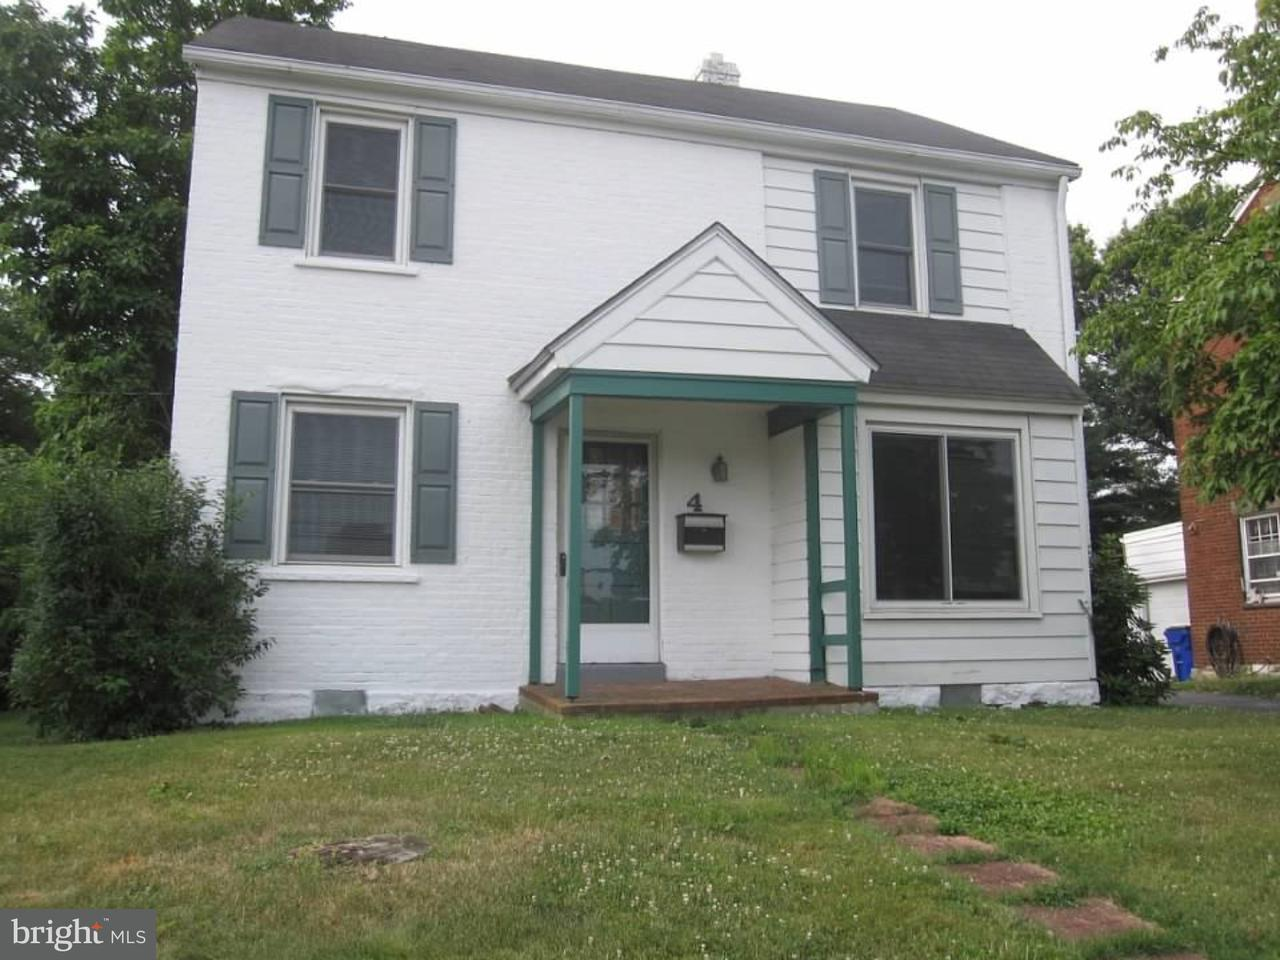 独户住宅 为 销售 在 4 MURPHY Road Talleyville, 特拉华州 19803 美国